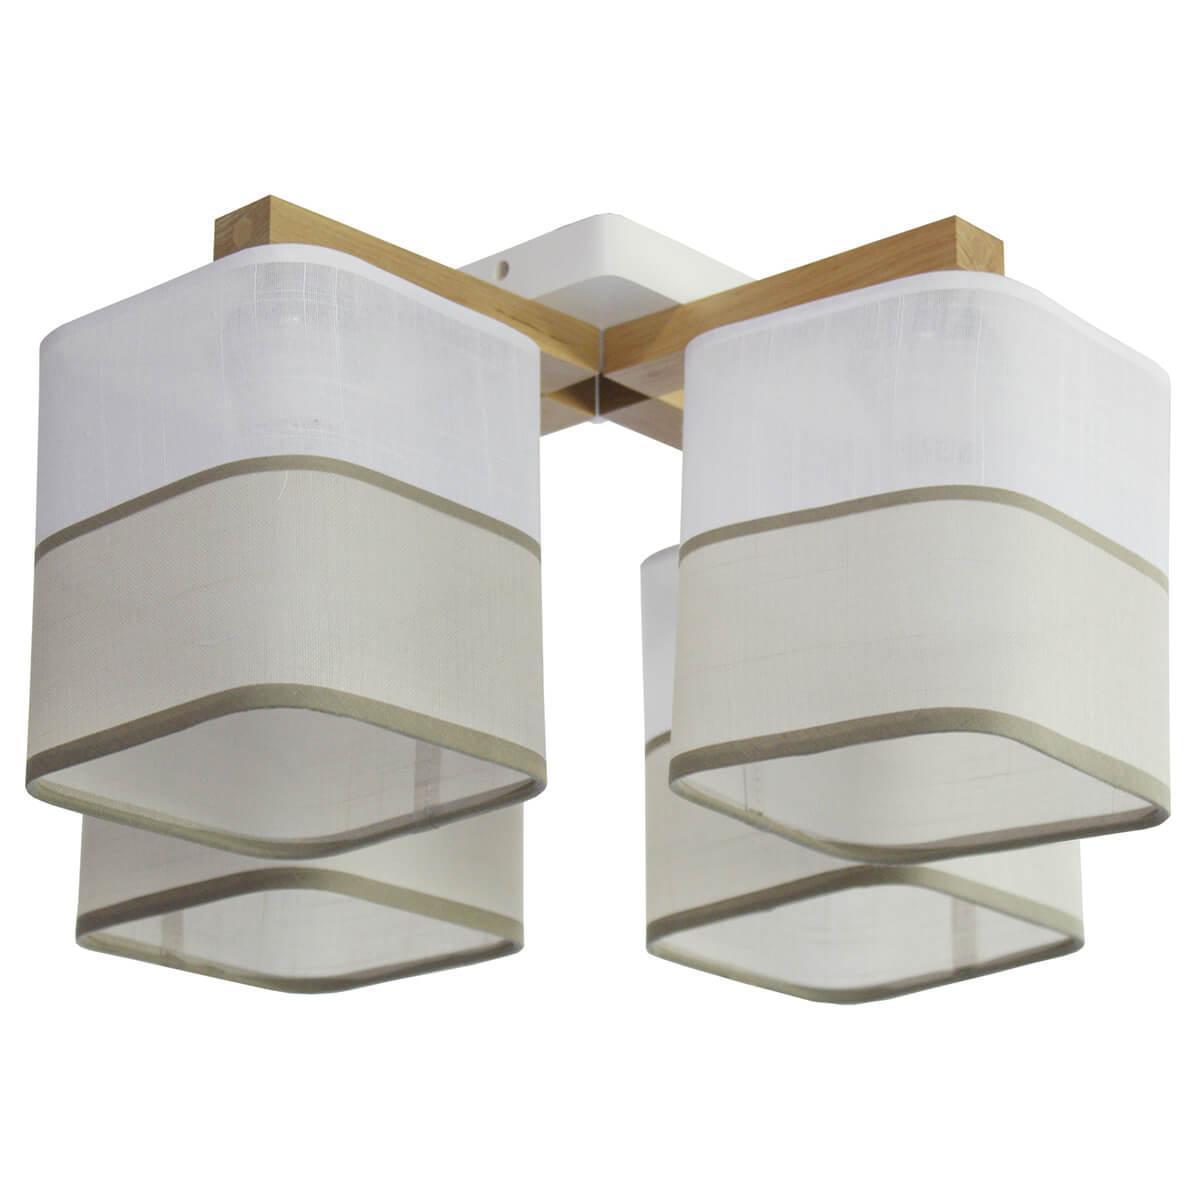 Фото - Потолочный светильник Дубравия 217-51-24, E27, 60 Вт подвесной светильник дубравия лори 181 41 23